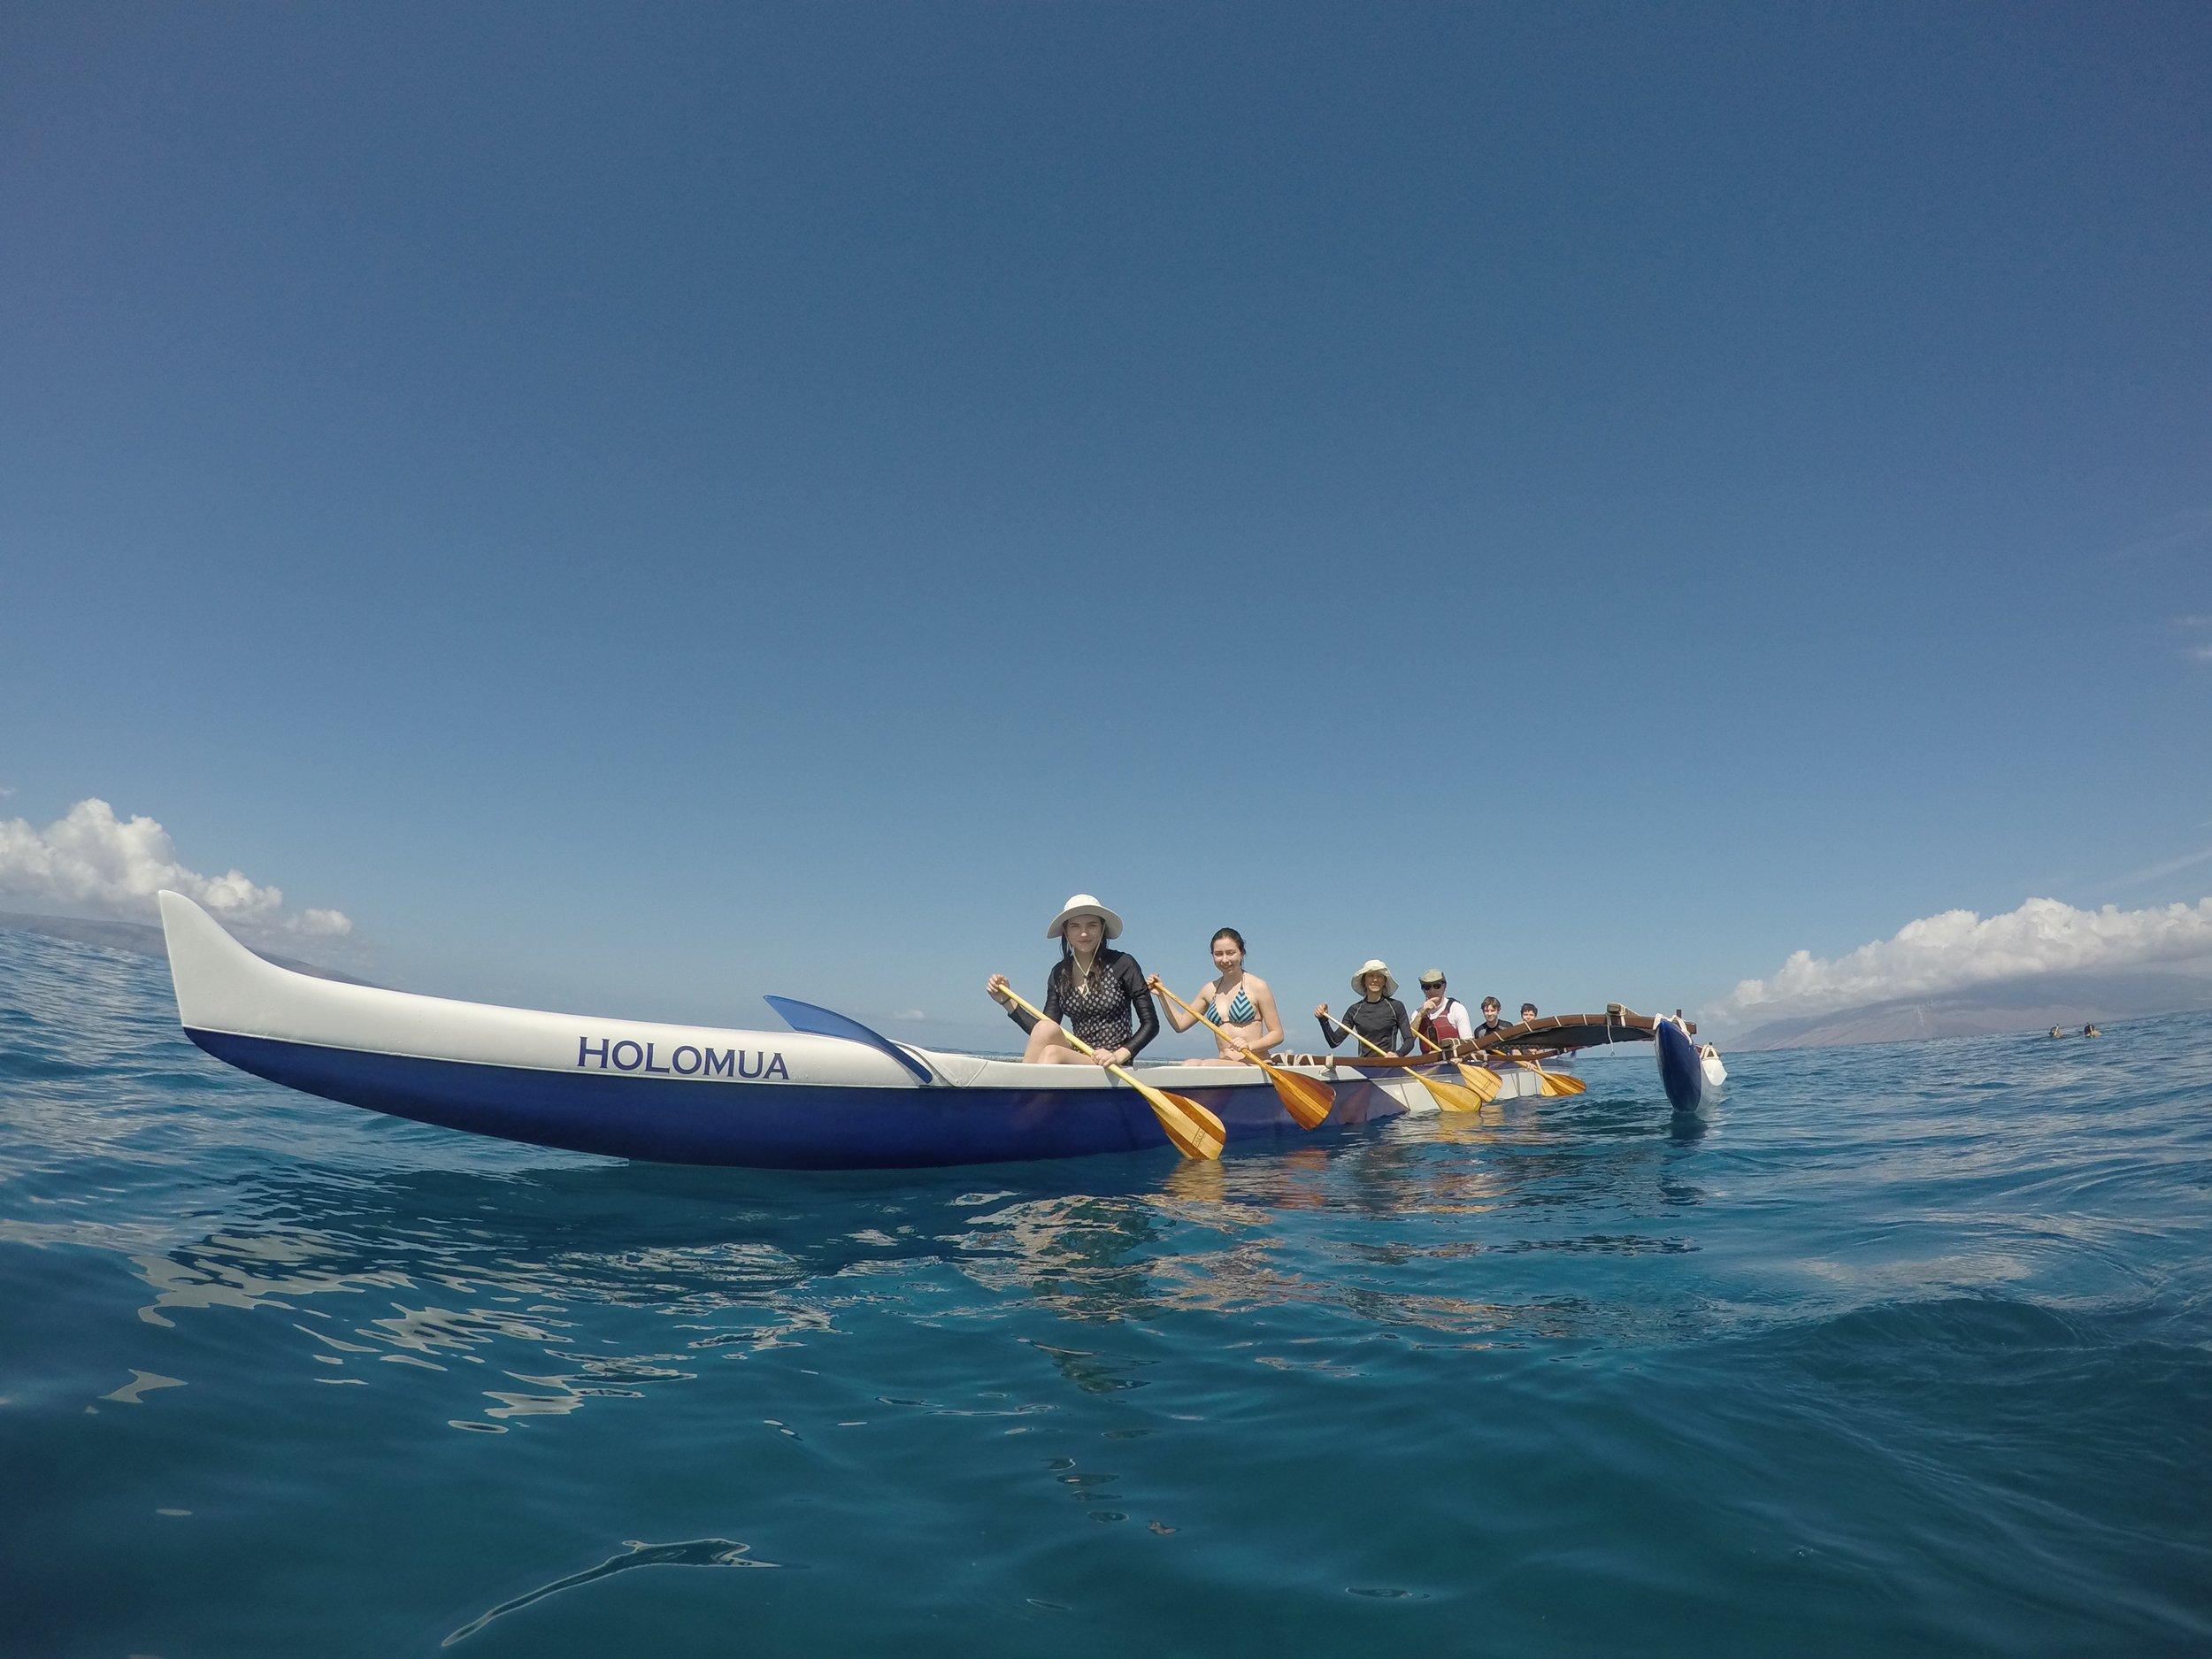 Blue_Soul_Maui_Outrigger_Canoe_4.jpg